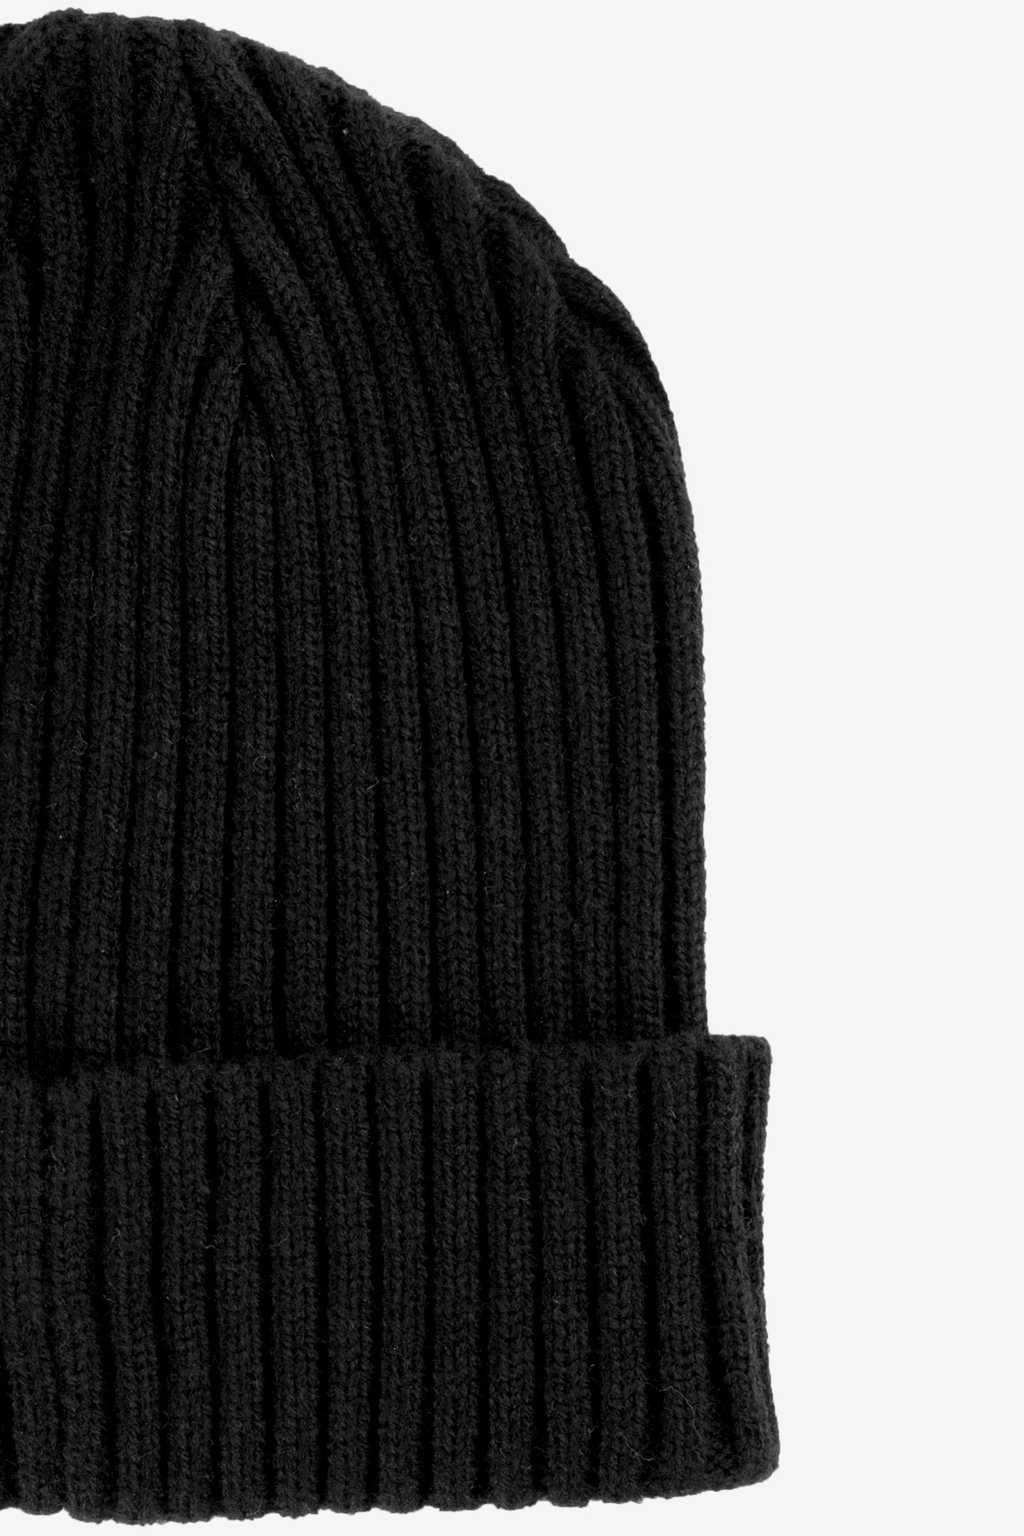 Hat 97023 Black 6